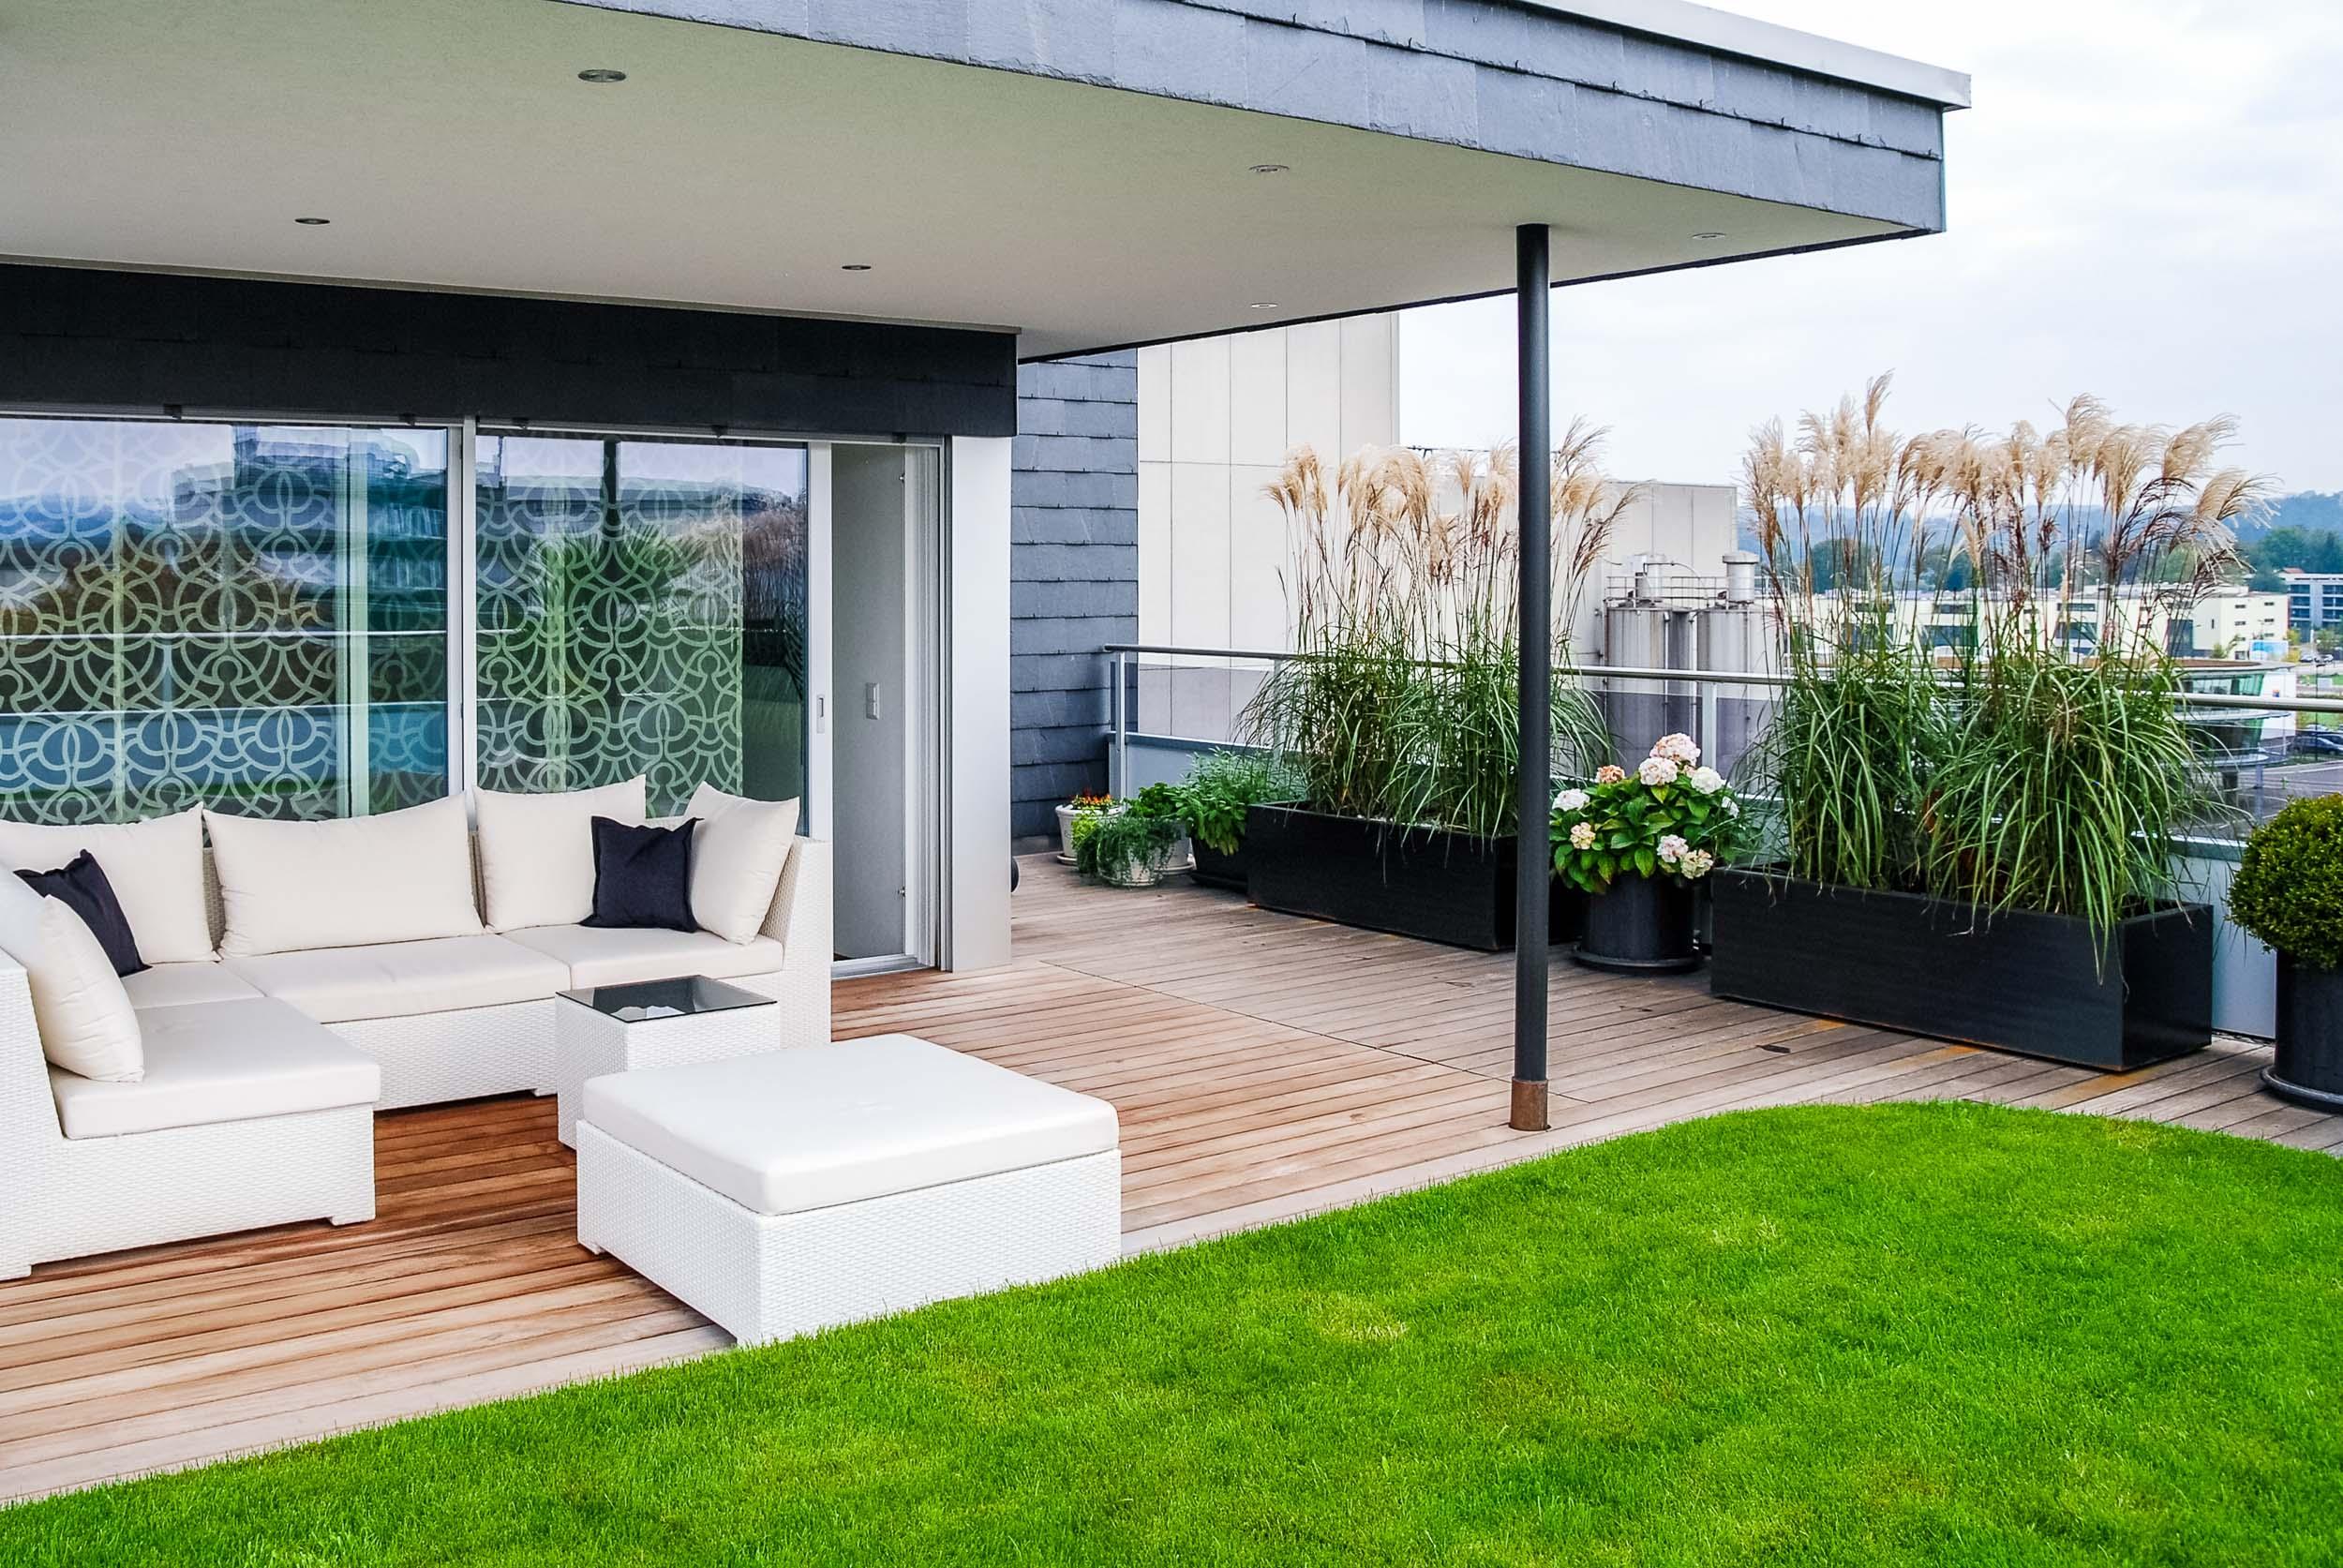 Beliebt Bevorzugt Gestaltung Dachterrasse auf Gewerbehaus, Uster - Schindler #AH_05